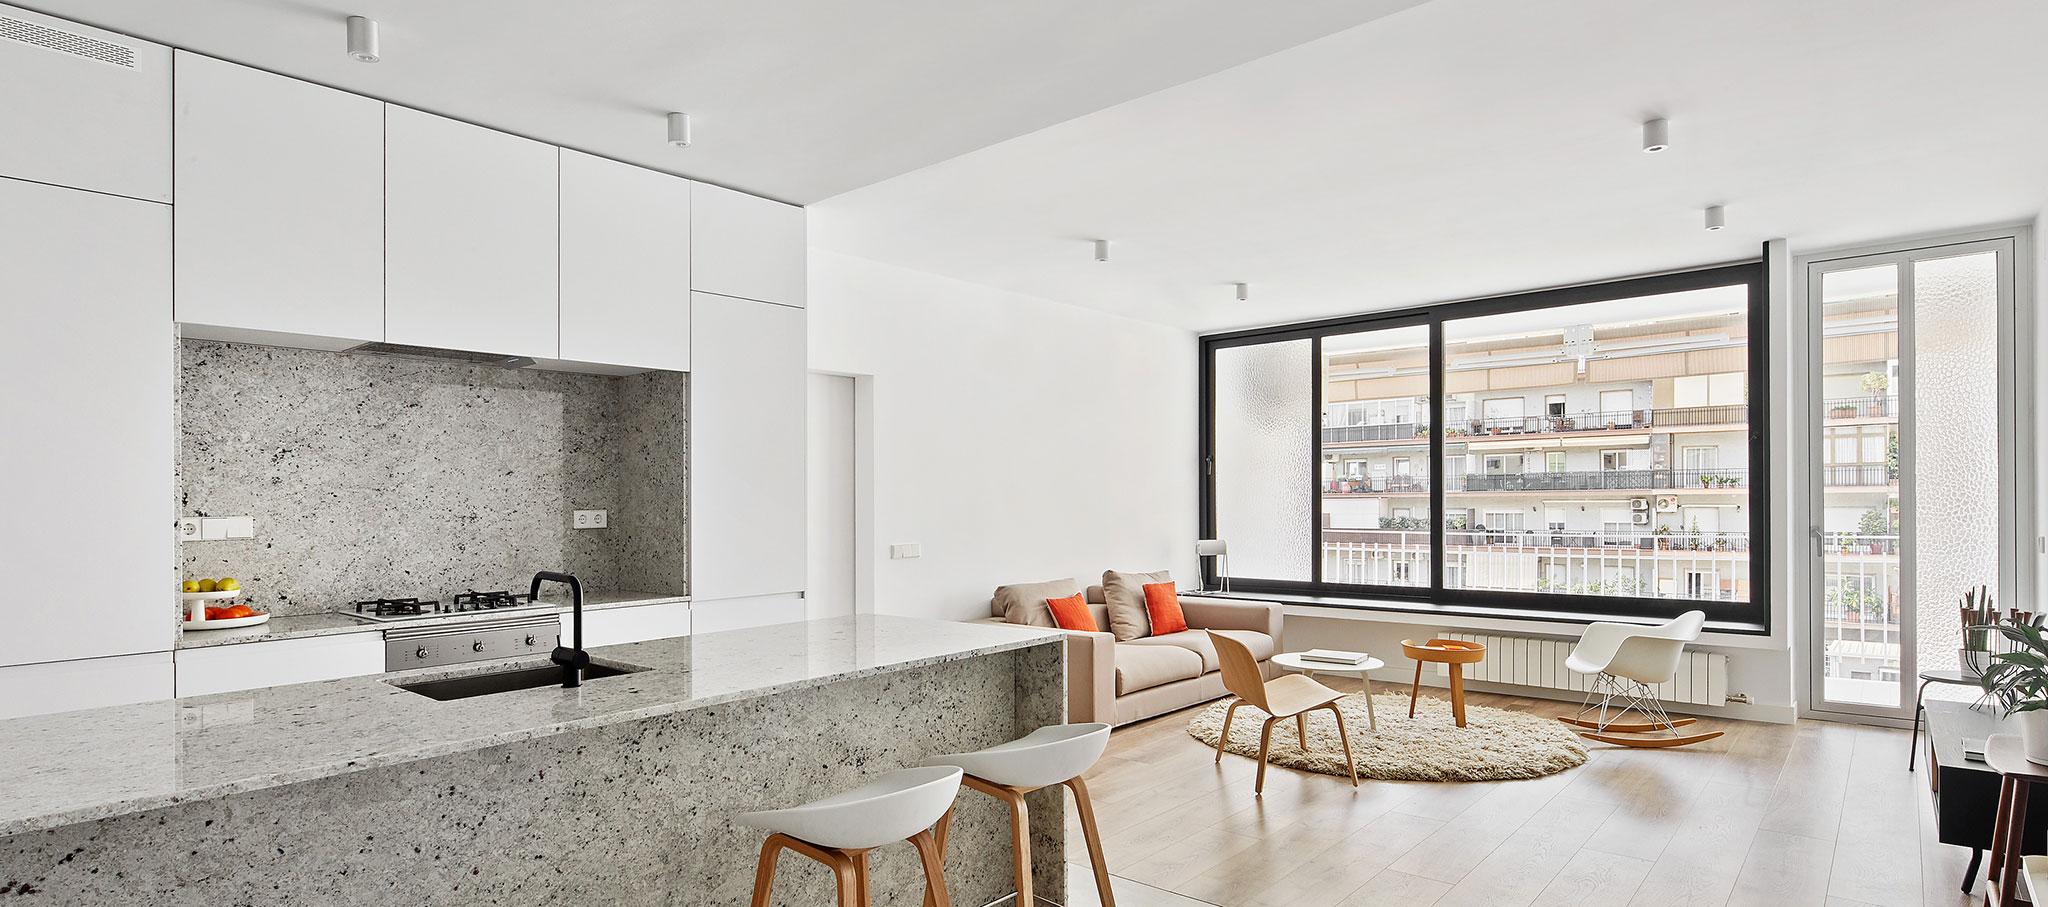 Apartamento Villarroel por Raúl Sánchez architects. Fotografía © José Hevia